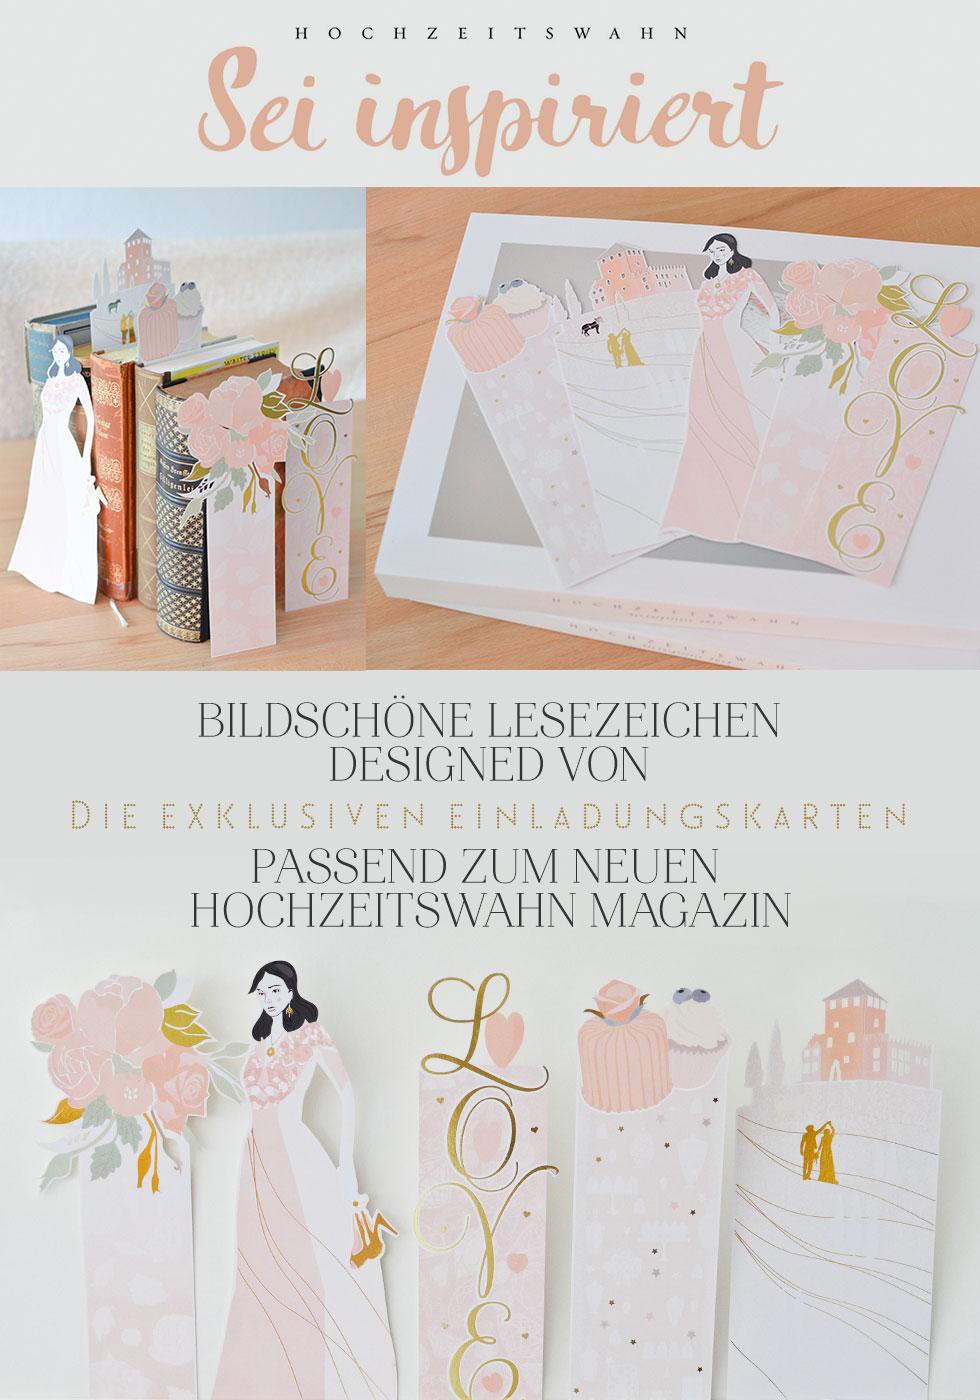 Hochzeitswahn Lesezeicehn von die exklsuiven Einladungskarten